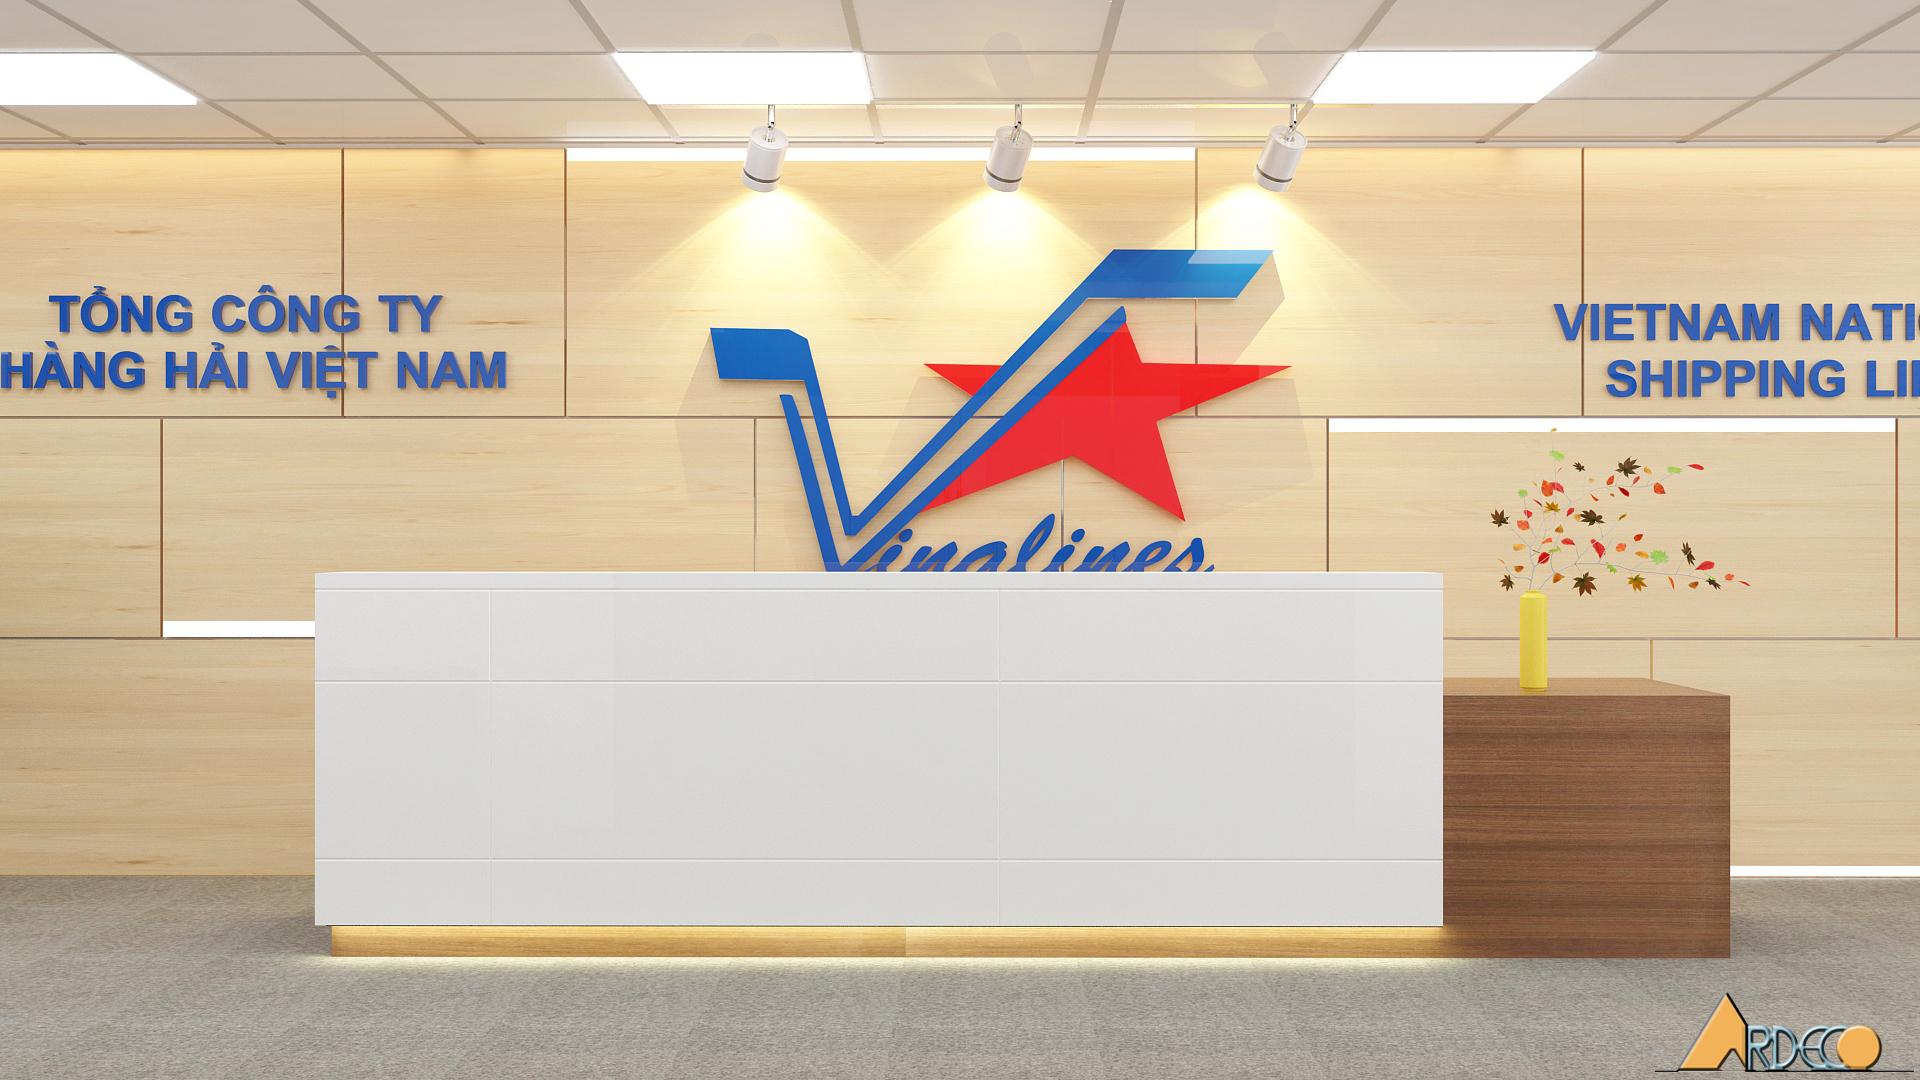 Thiết kế thi công nội thất văn phòng công ty hàng hải Việt Nam